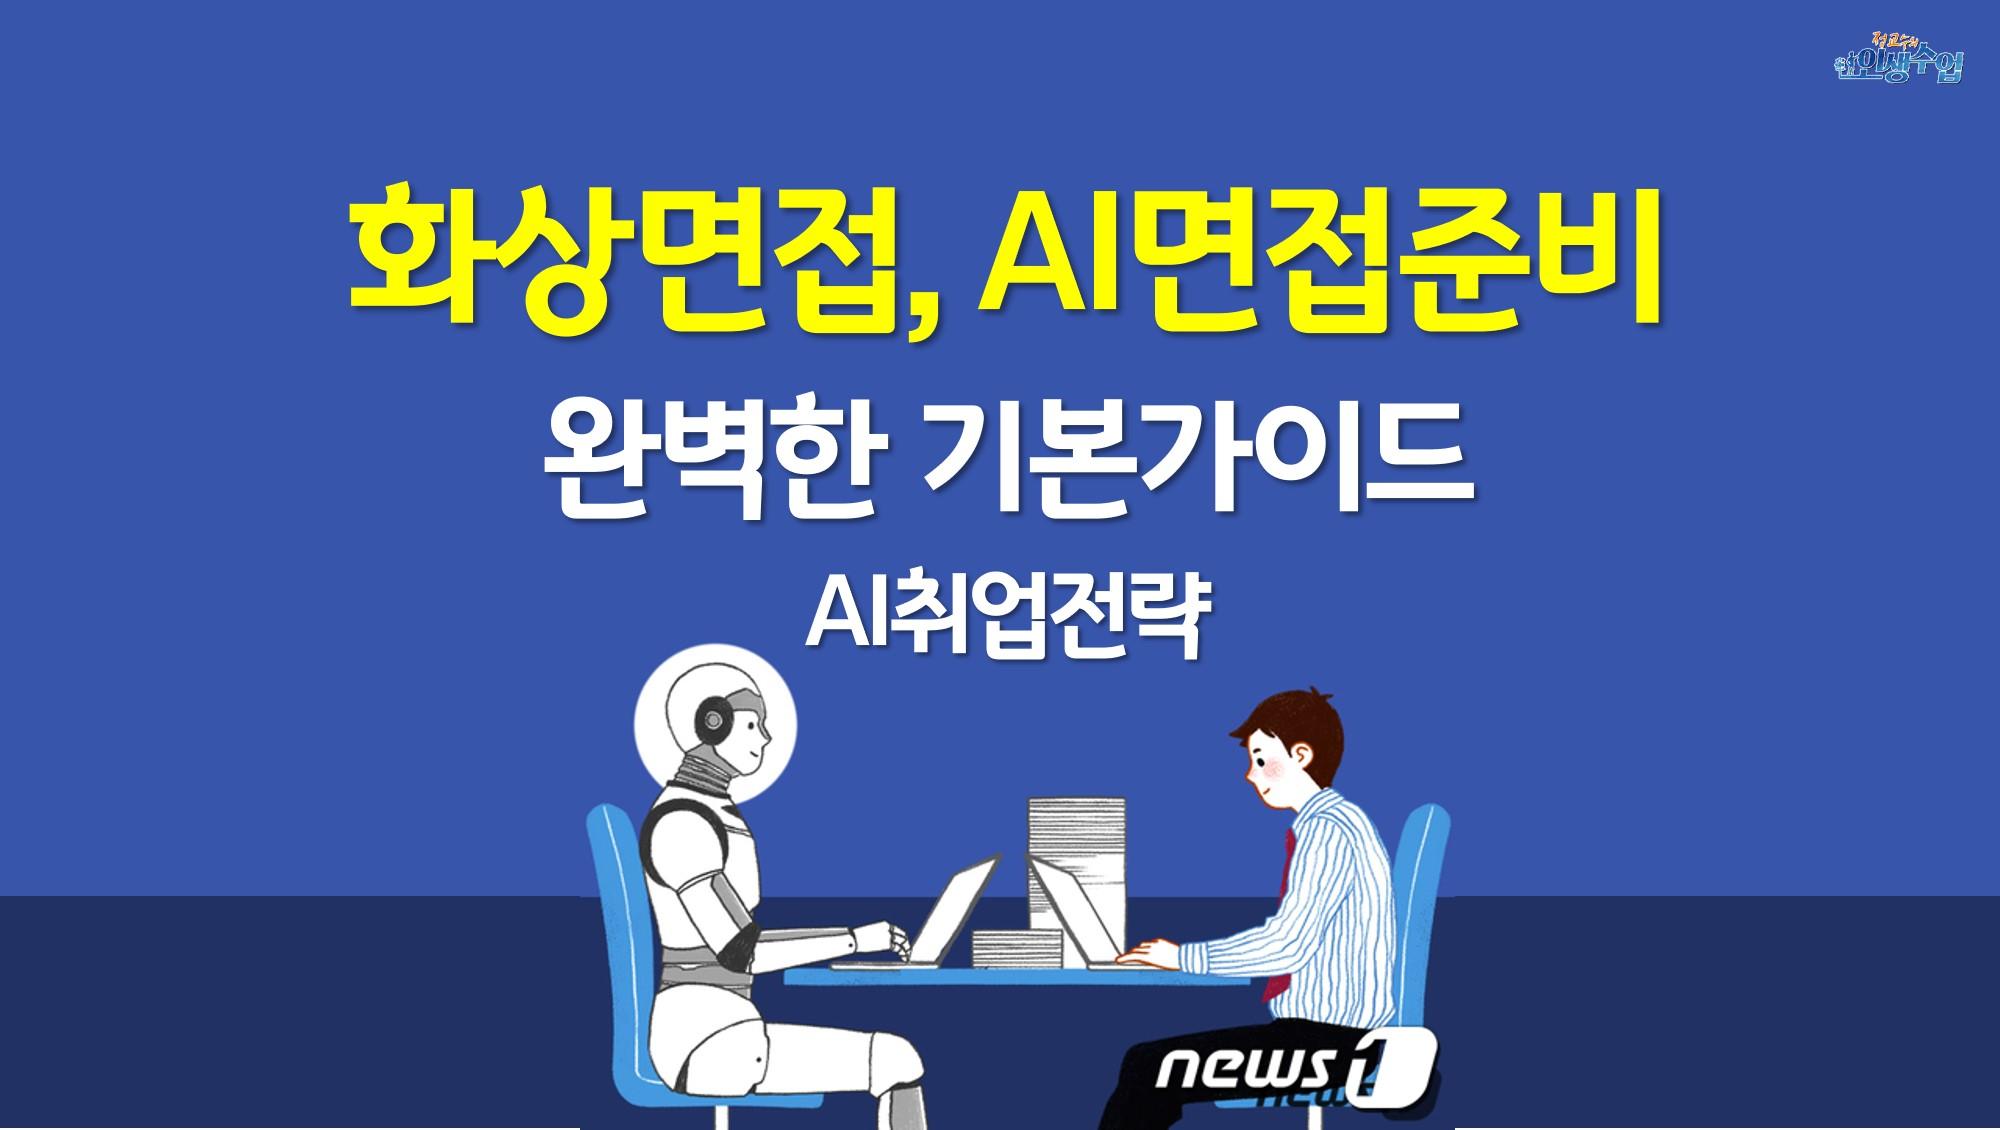 화상면접, AI면접준비 위한 완벽한 기본가이드(AI채용 대비하기 위한 AI면접전략, AI취업전략)